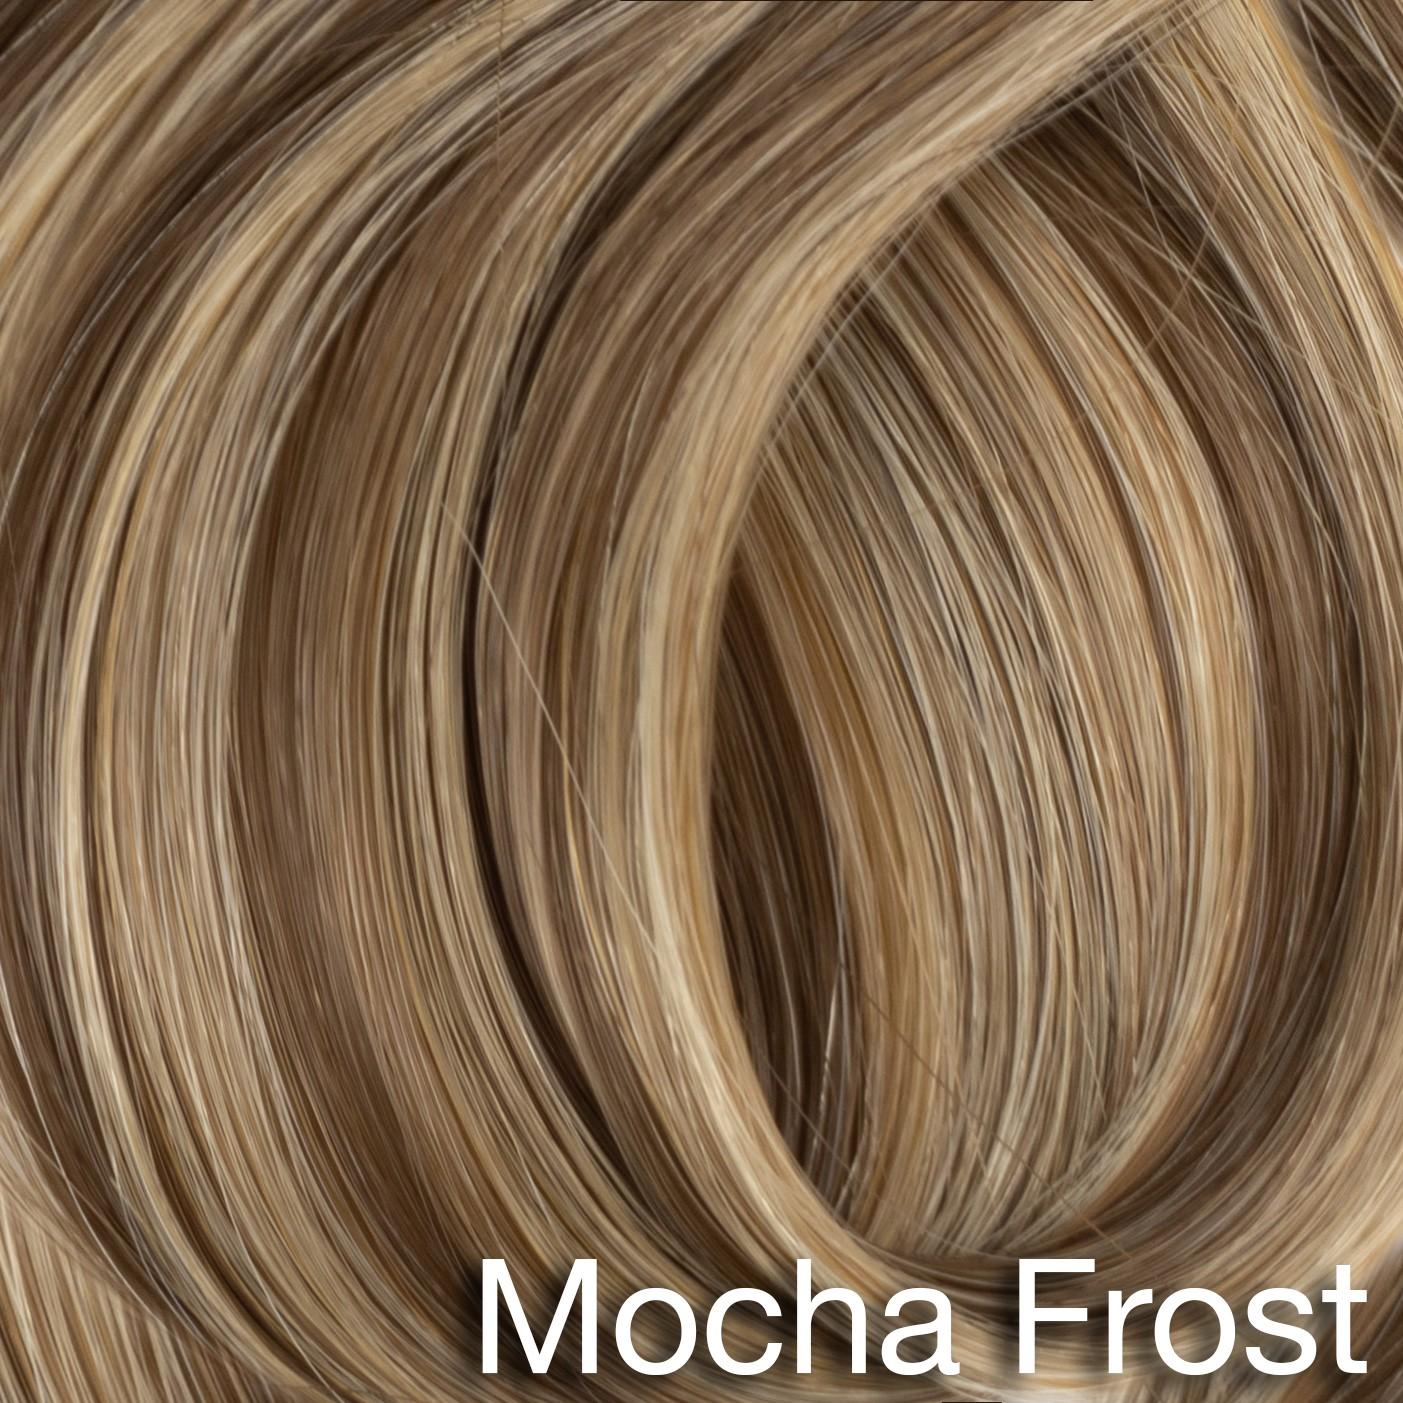 Mocha Frost